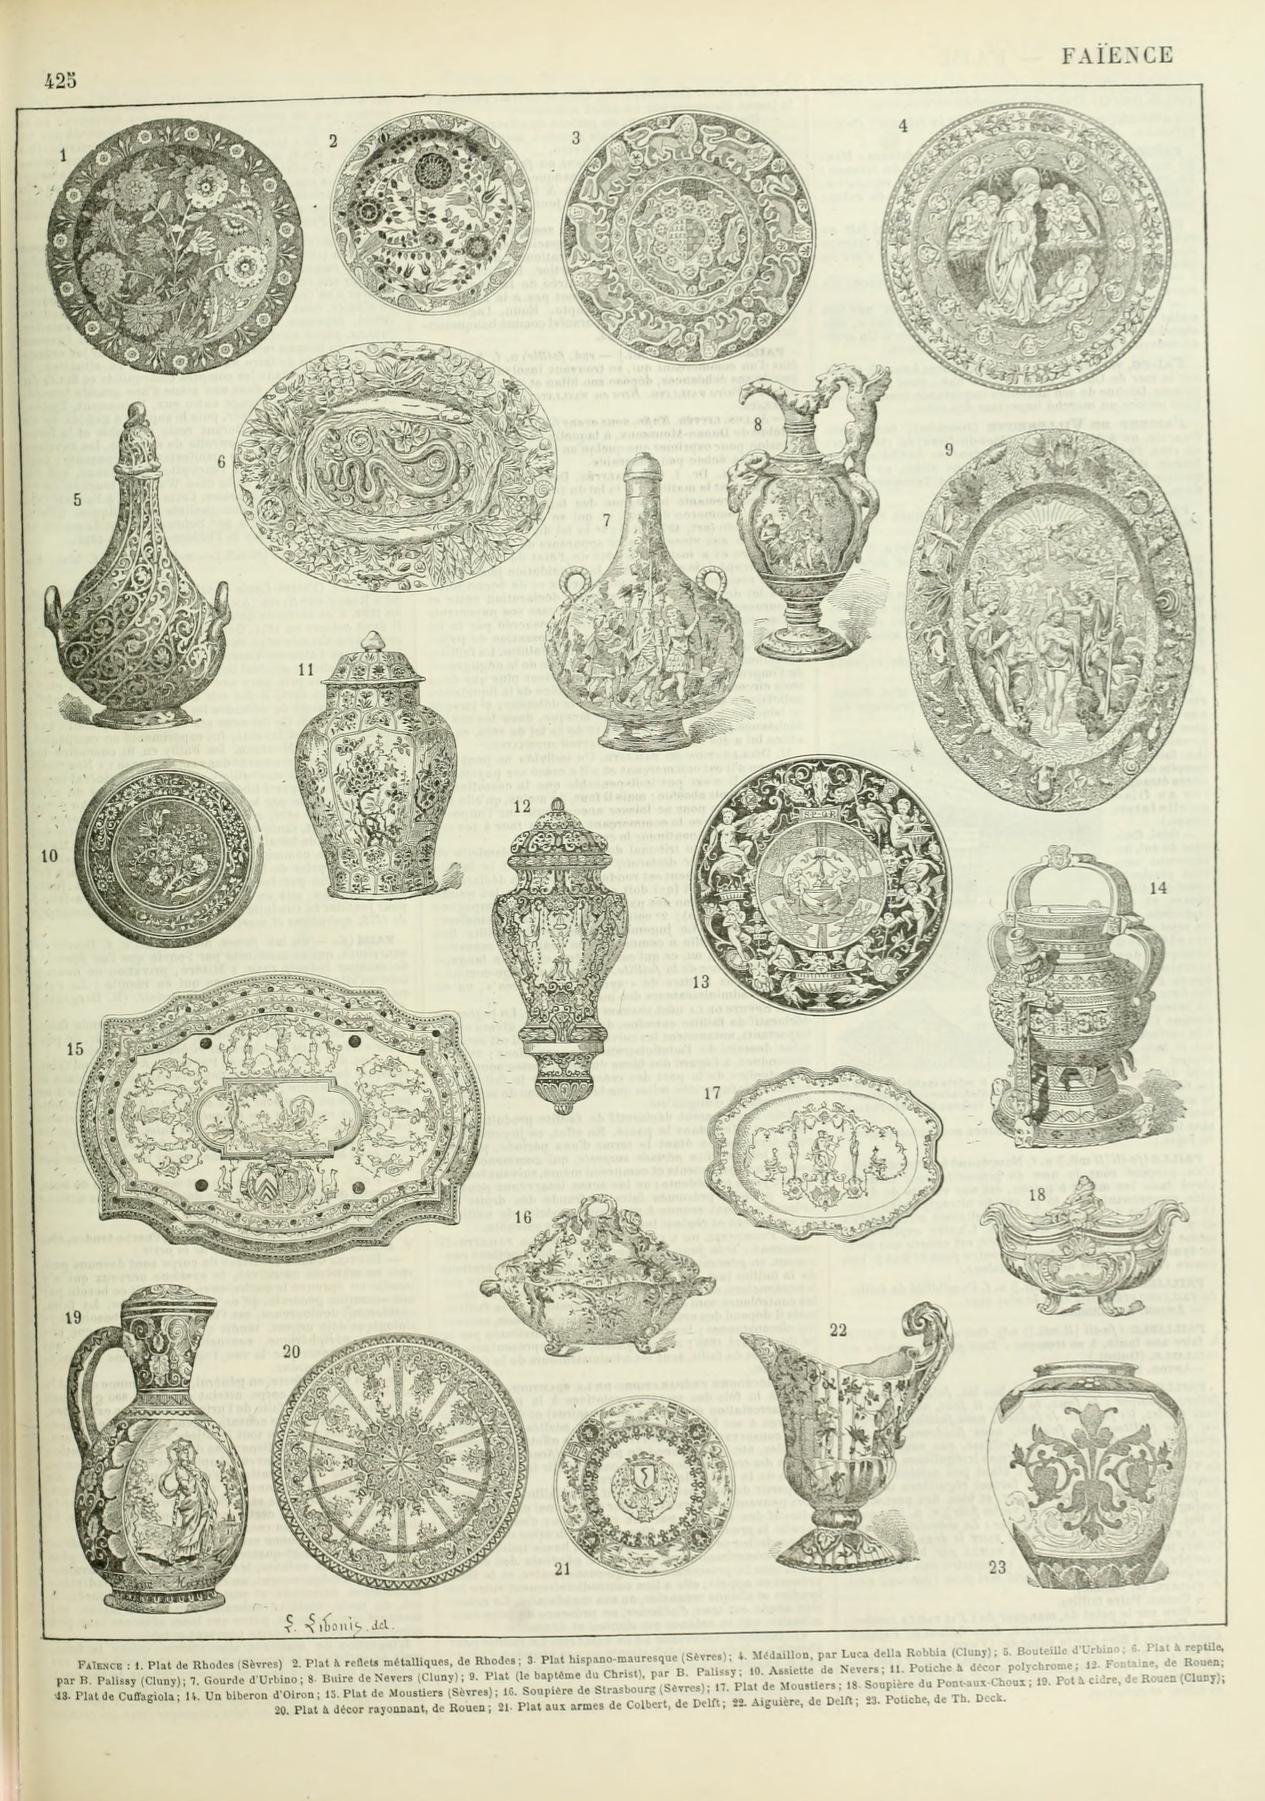 Nouveau Larousse Illustre Faience Antique Prints Greek Art Lithograph